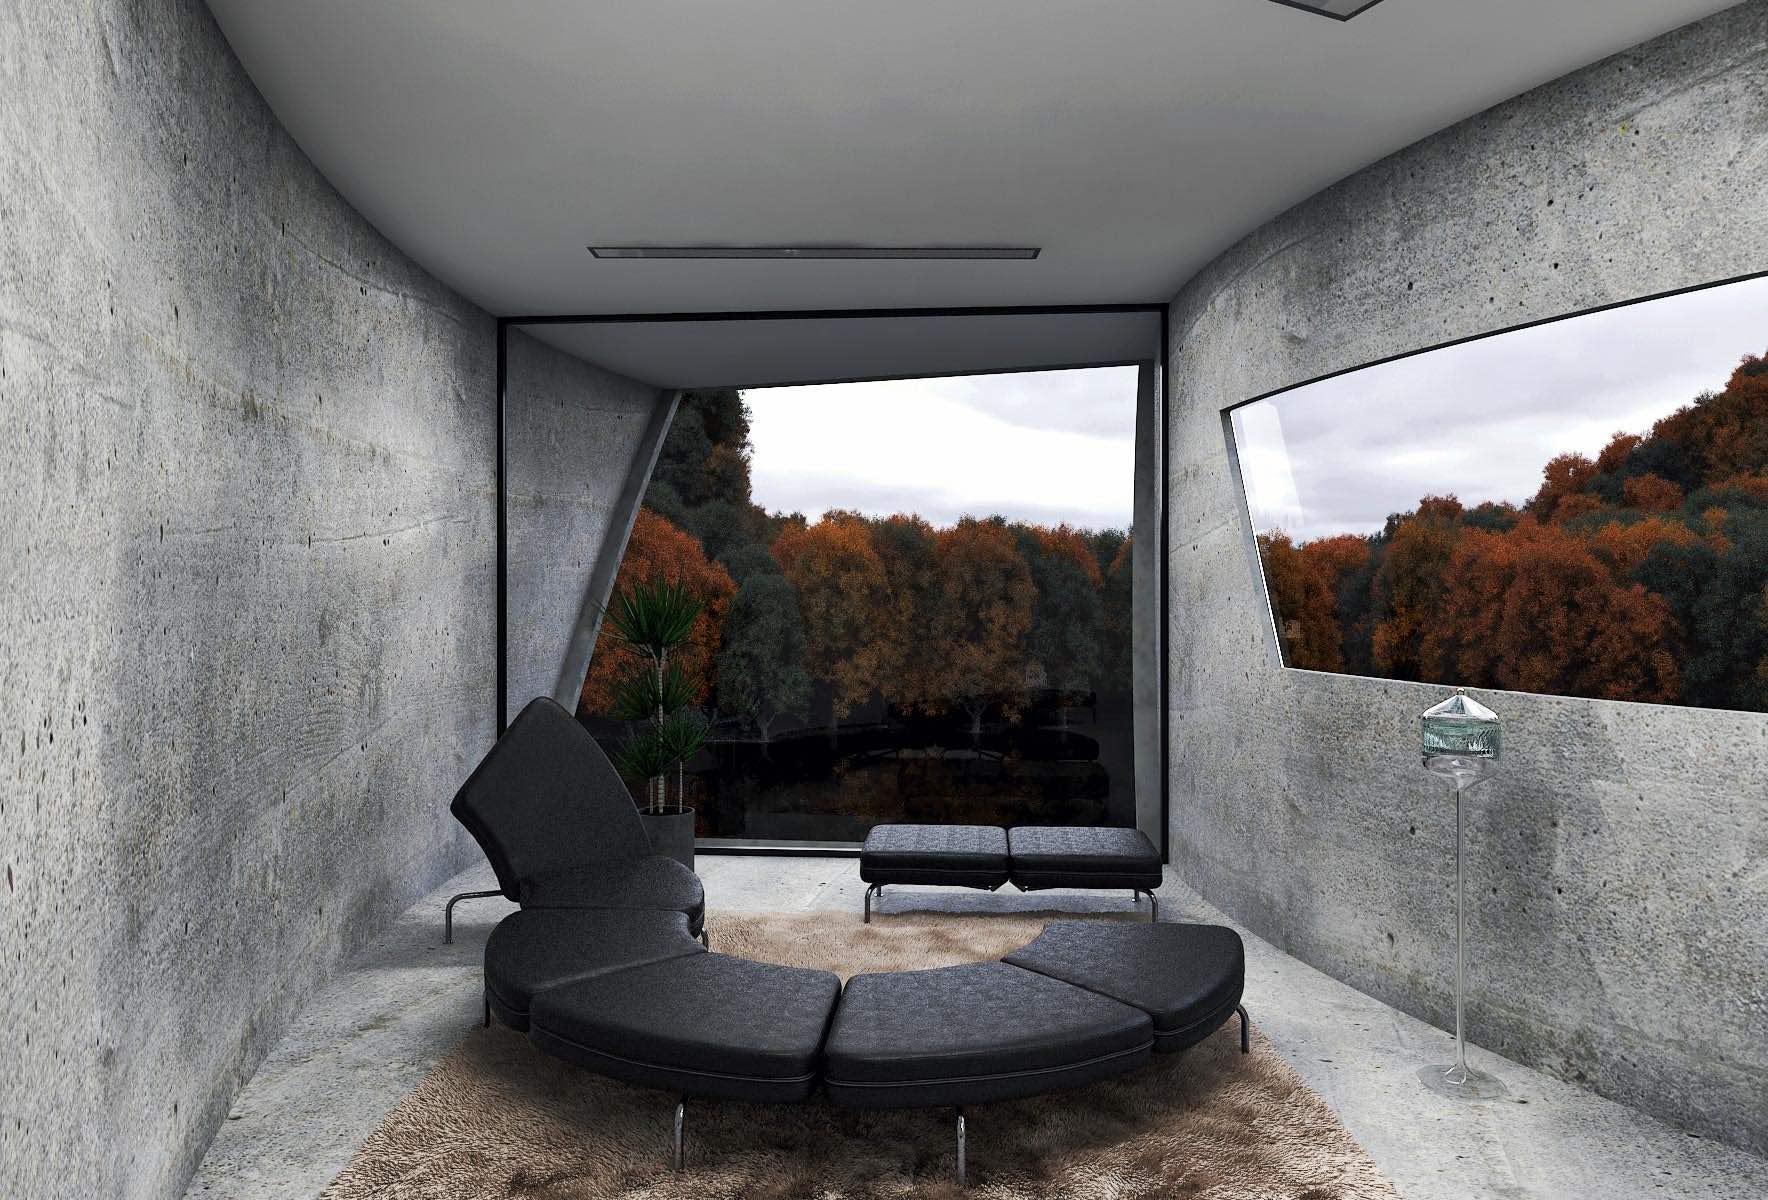 Concrete house in mountain by Reza Mohatashami